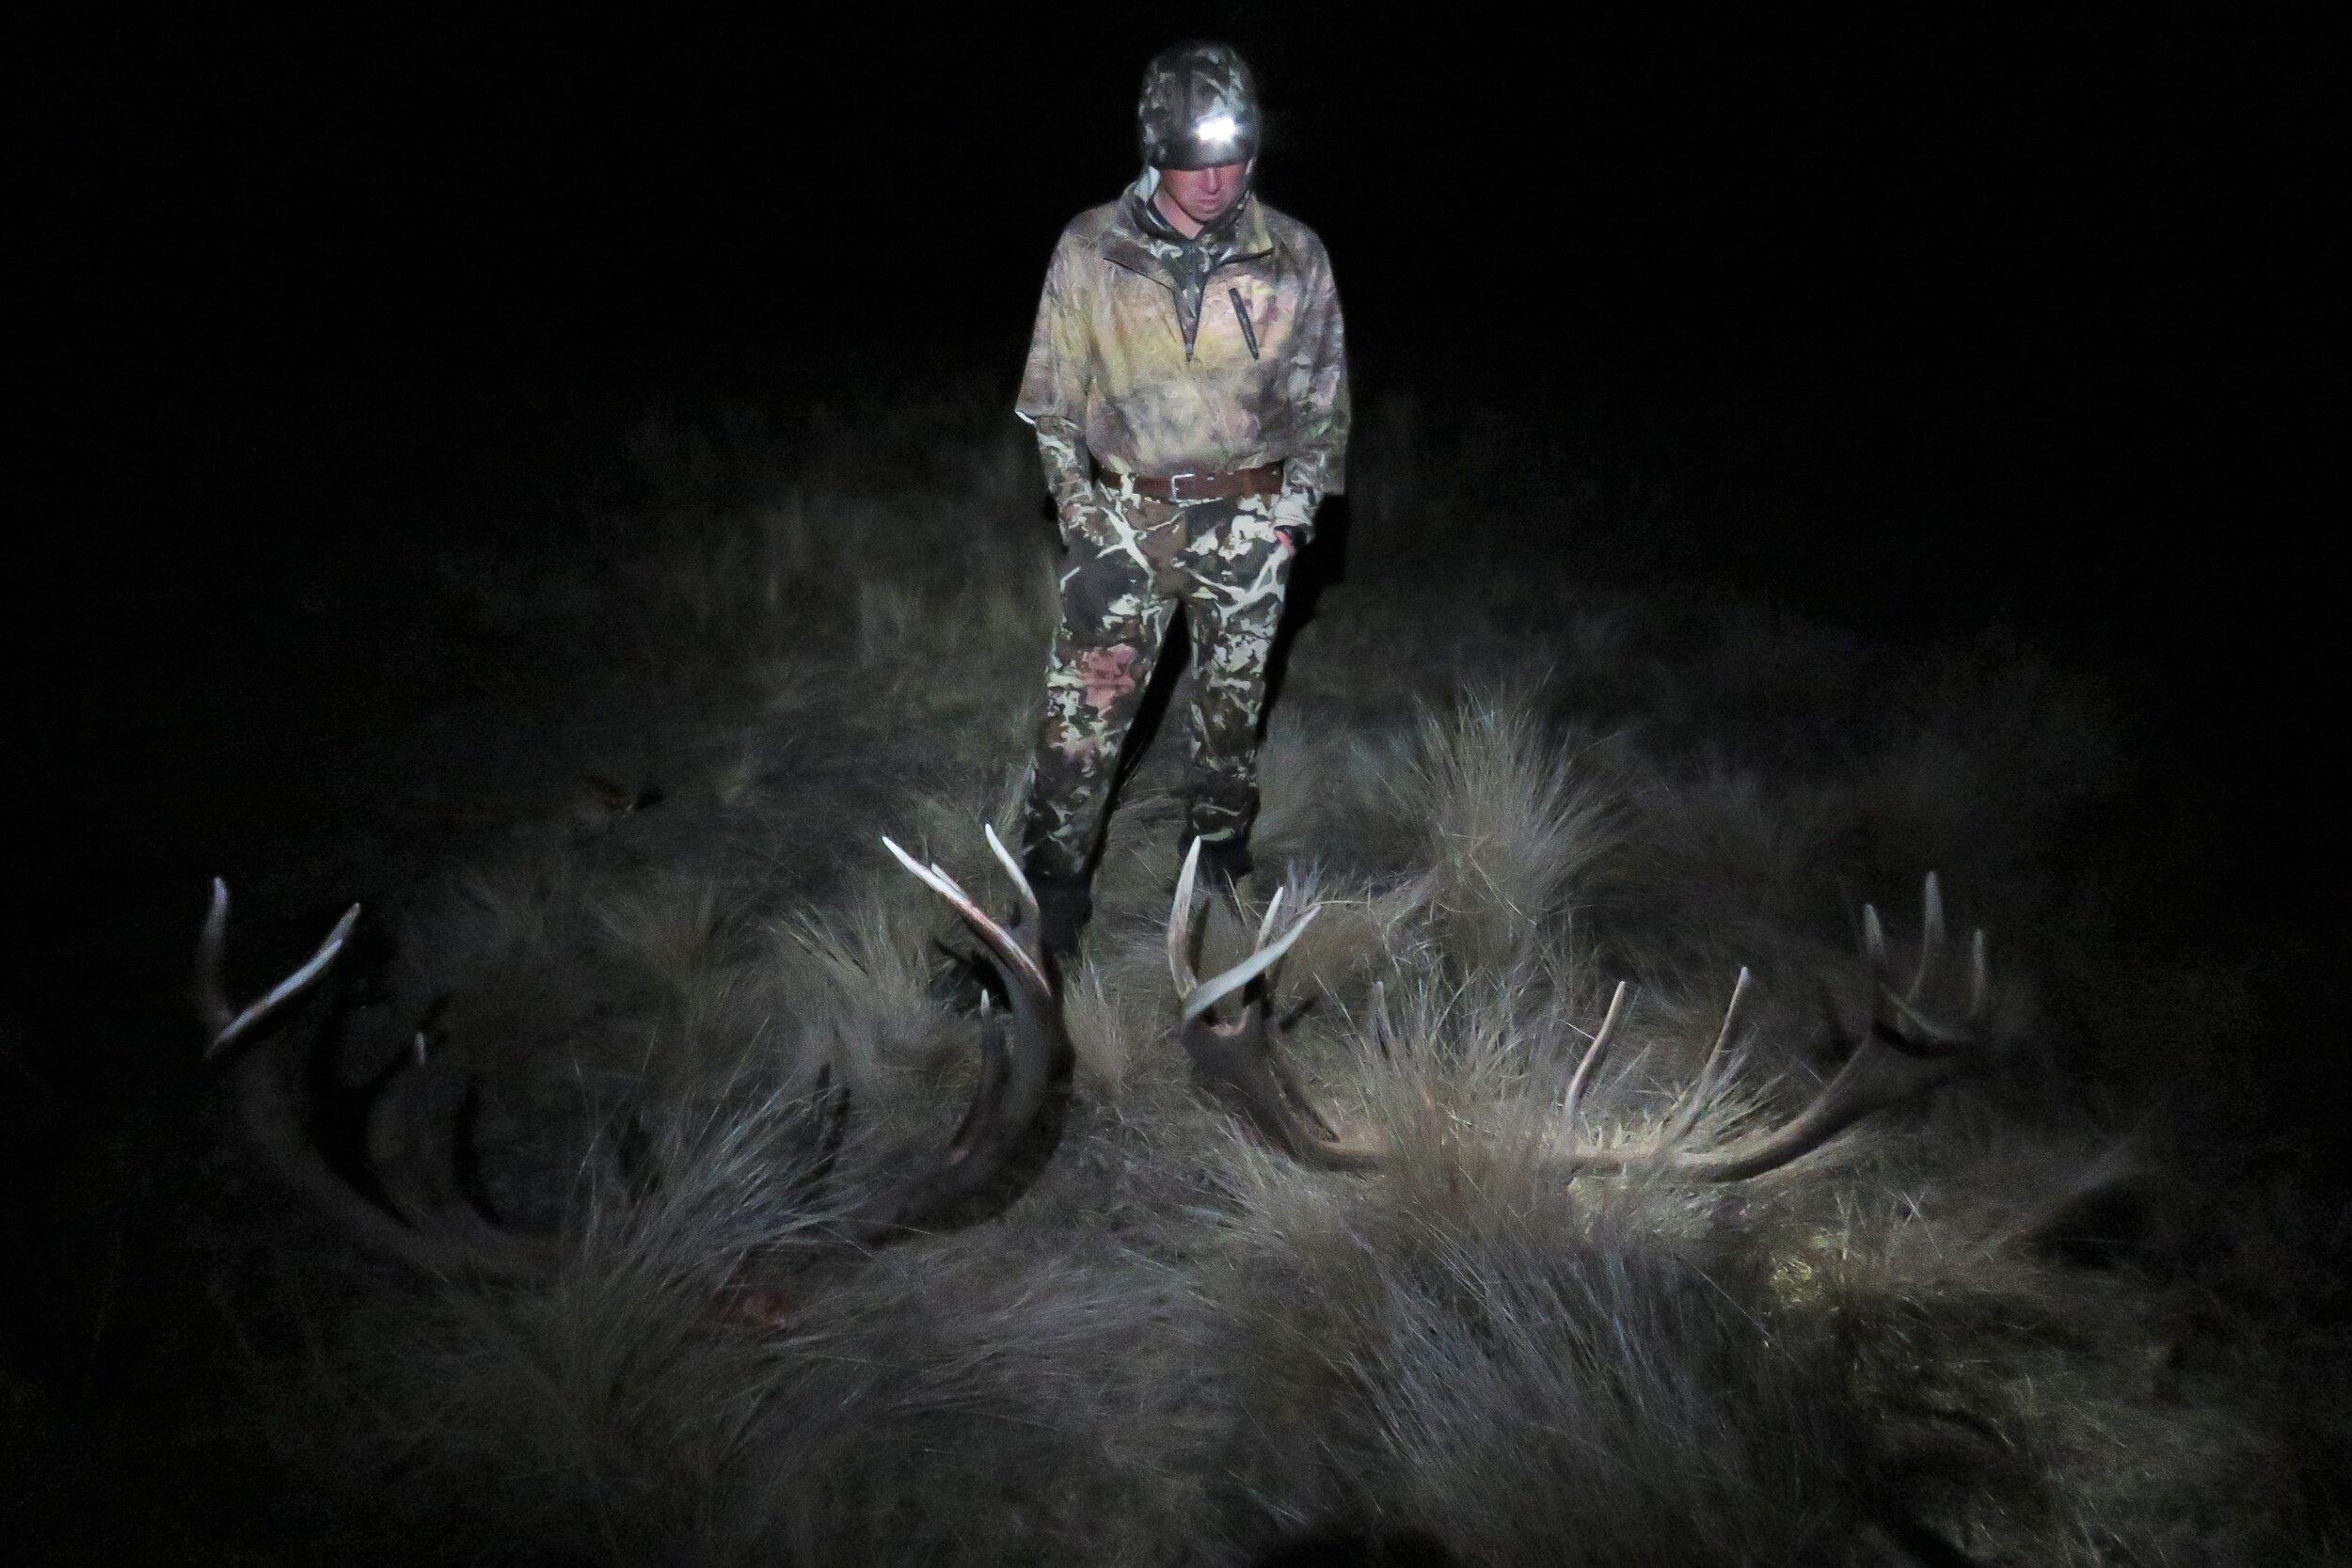 stag-antlers.jpg